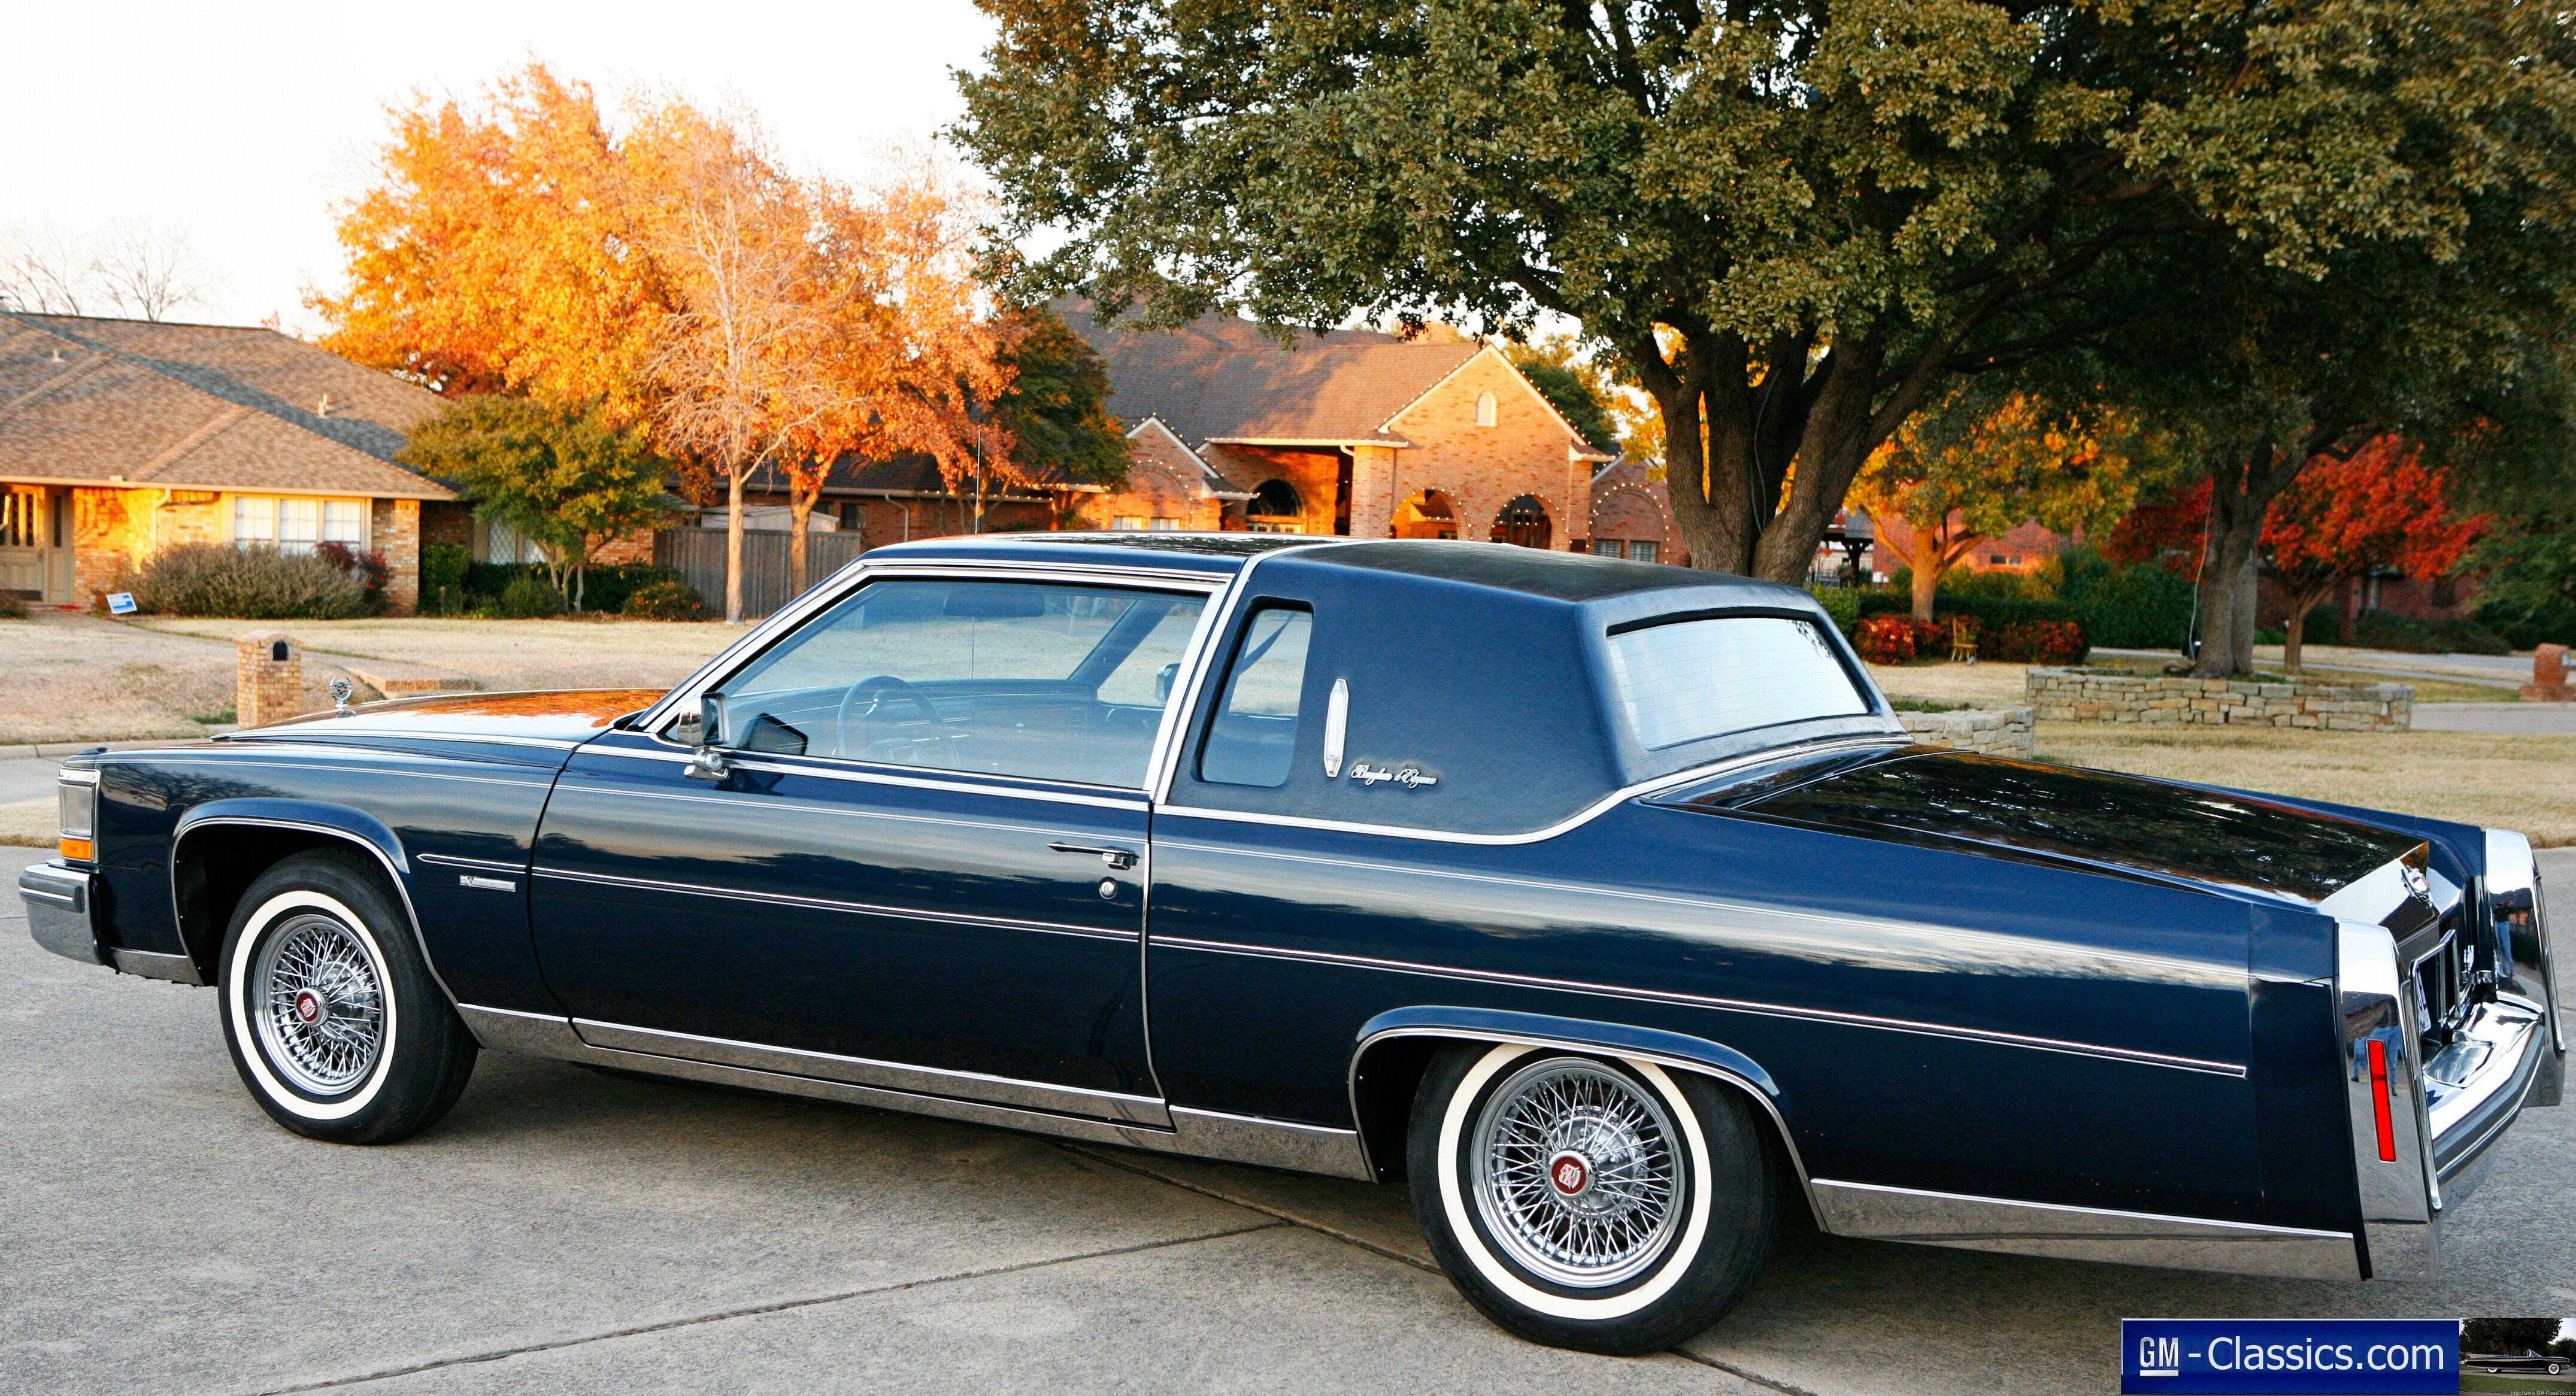 Cadillac Fleetwood 1986 foto - 4